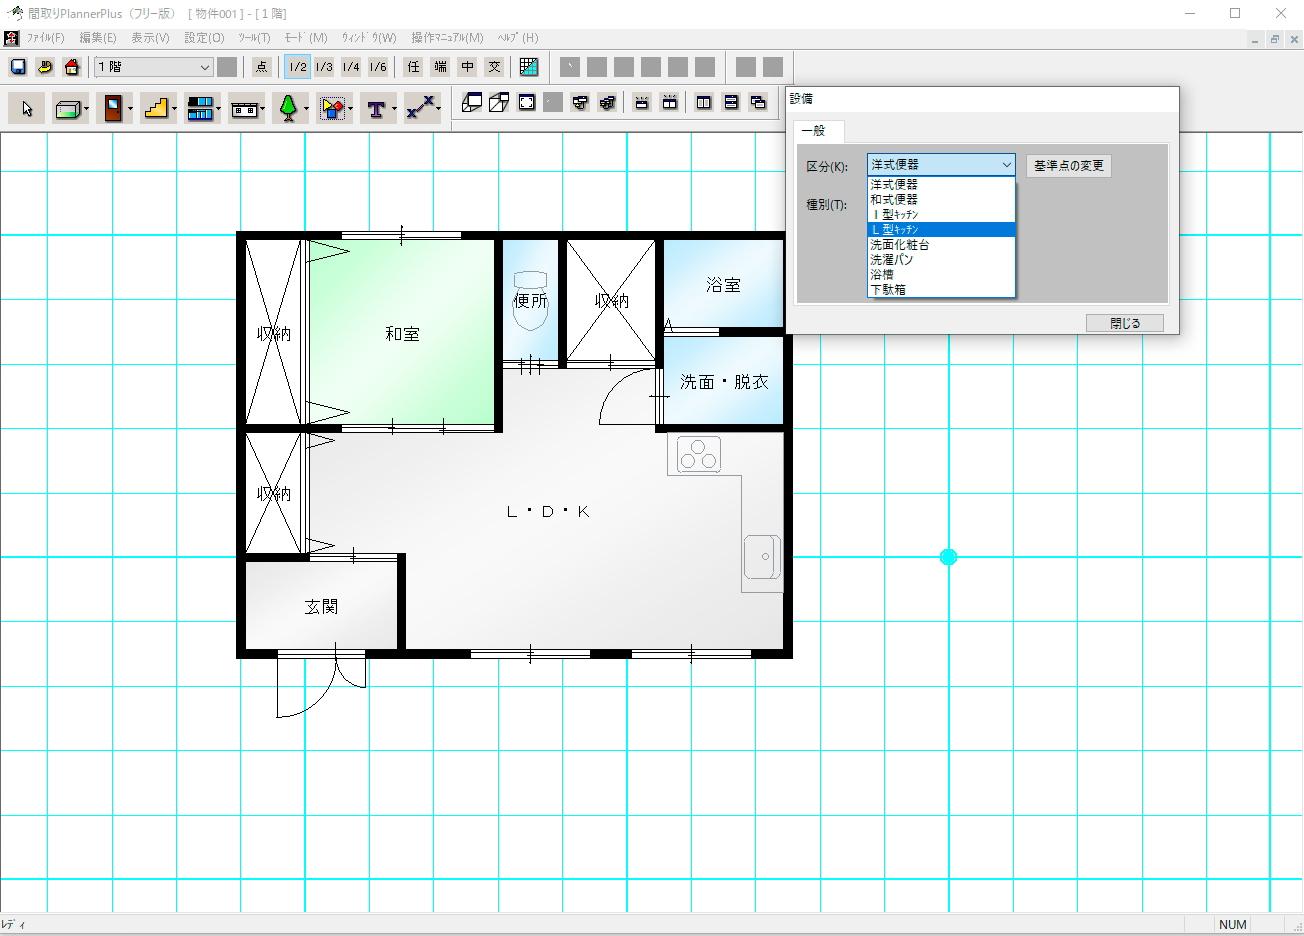 間取りPlannerPlus 家具や設備の配置